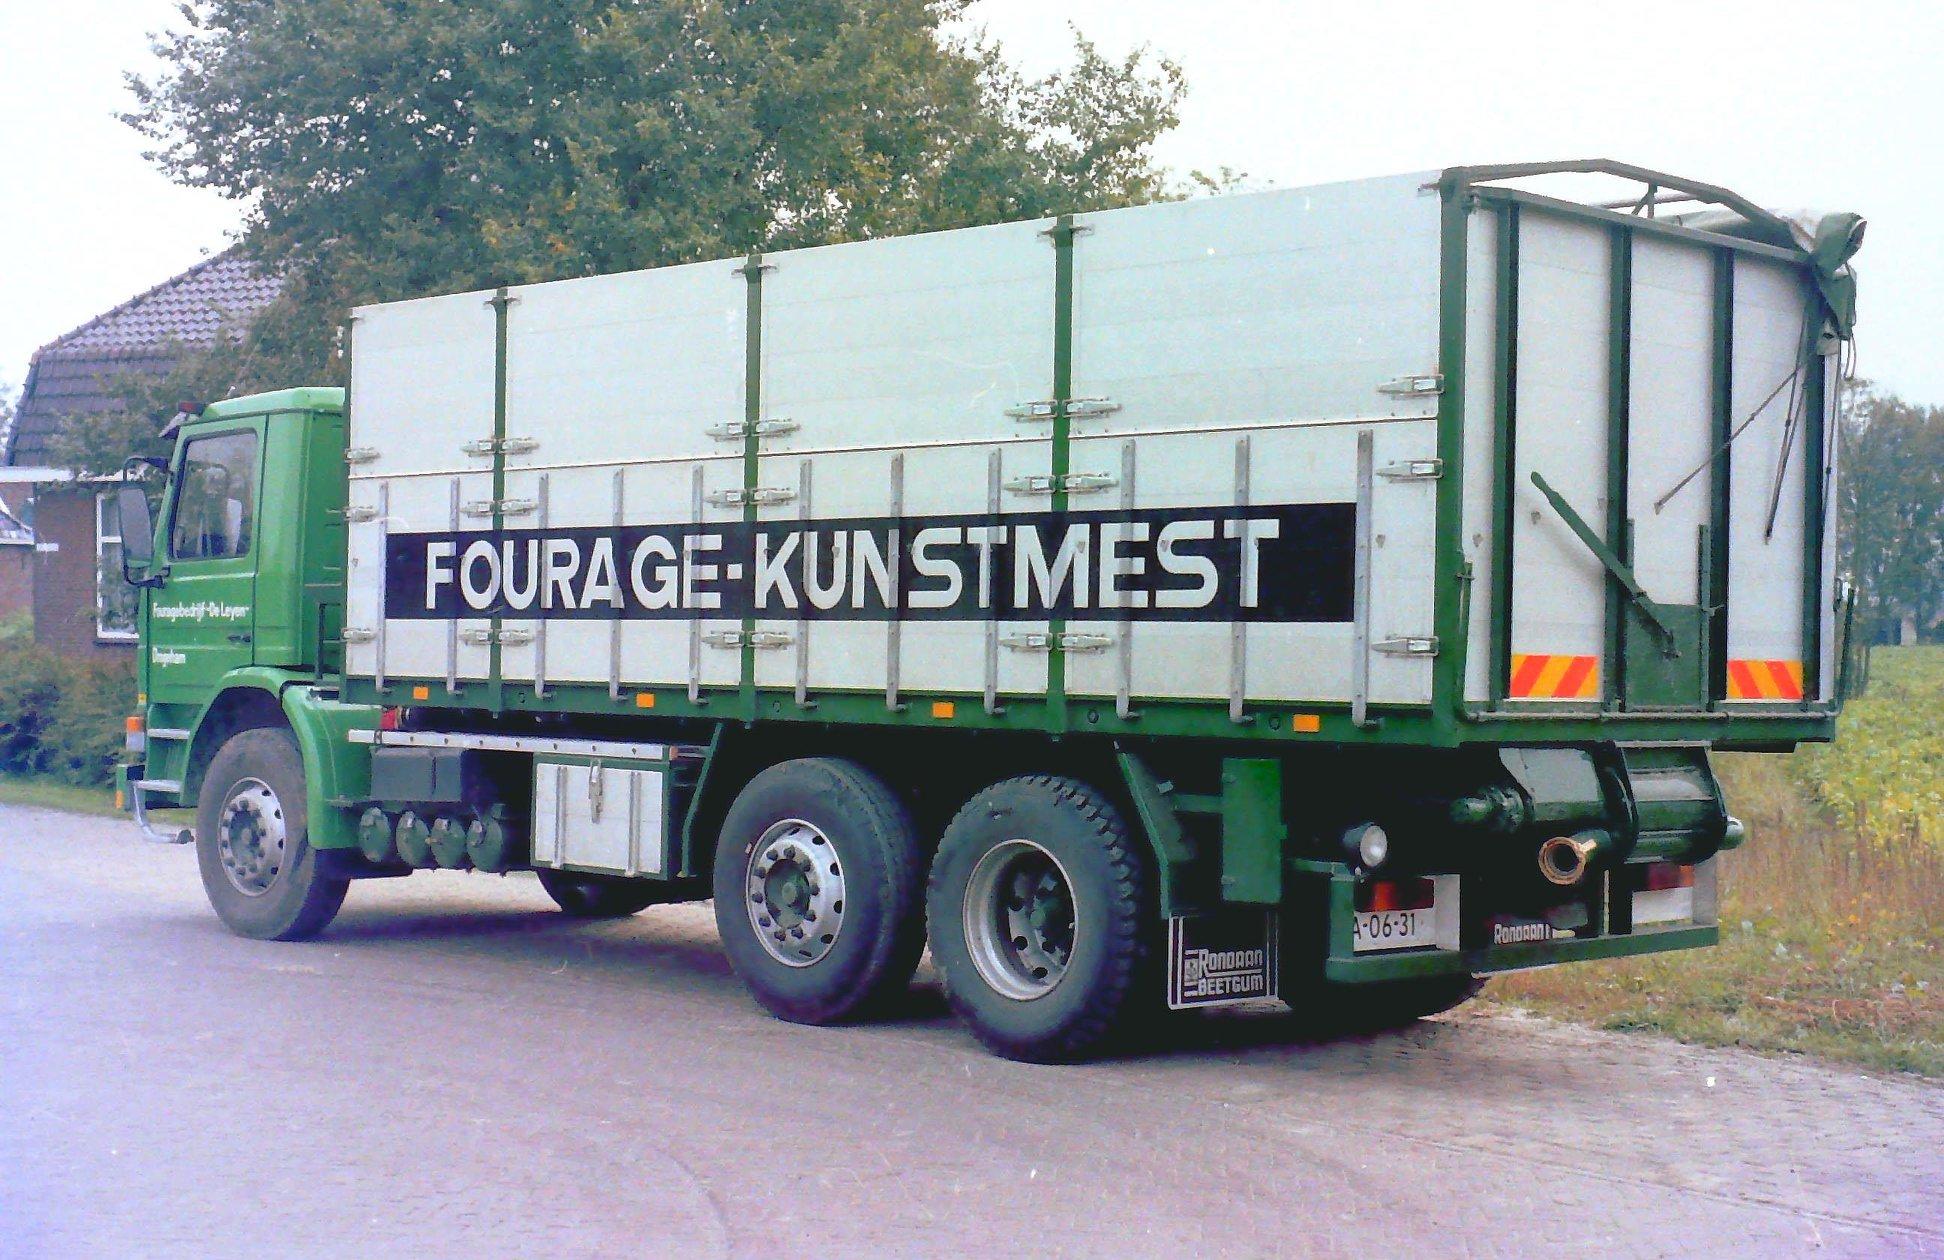 Deze-bulkauto-is-gebouwd-door-Rondaan-voor-Fouragebedrijf-De-Leyen-uit-Drogeham-rijdend-voor-Koopmans--2